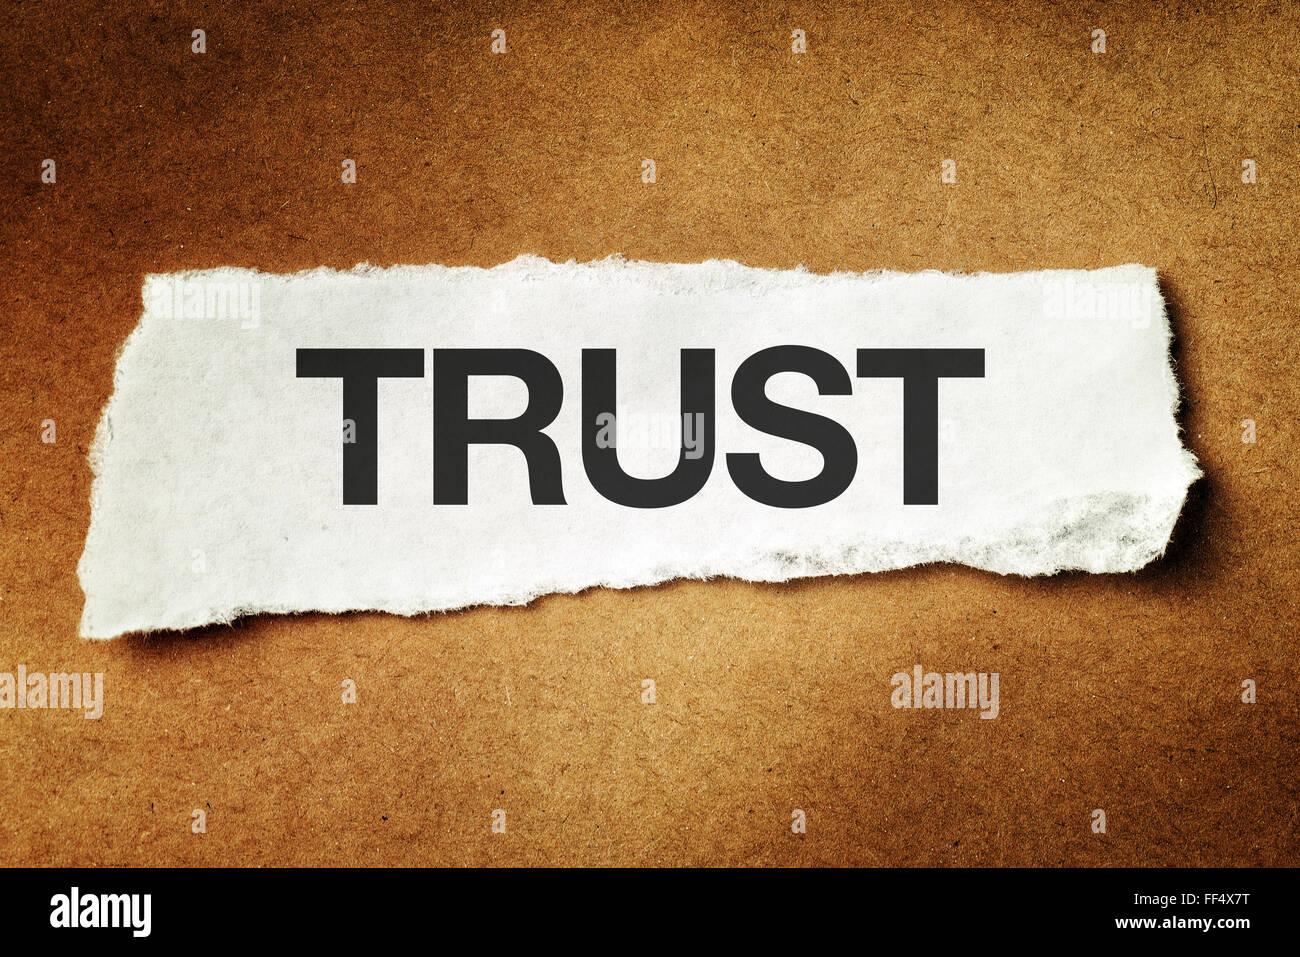 Fiducia stampato su carta da macero, concetto di fede, la confidenza e fiducia. Immagini Stock